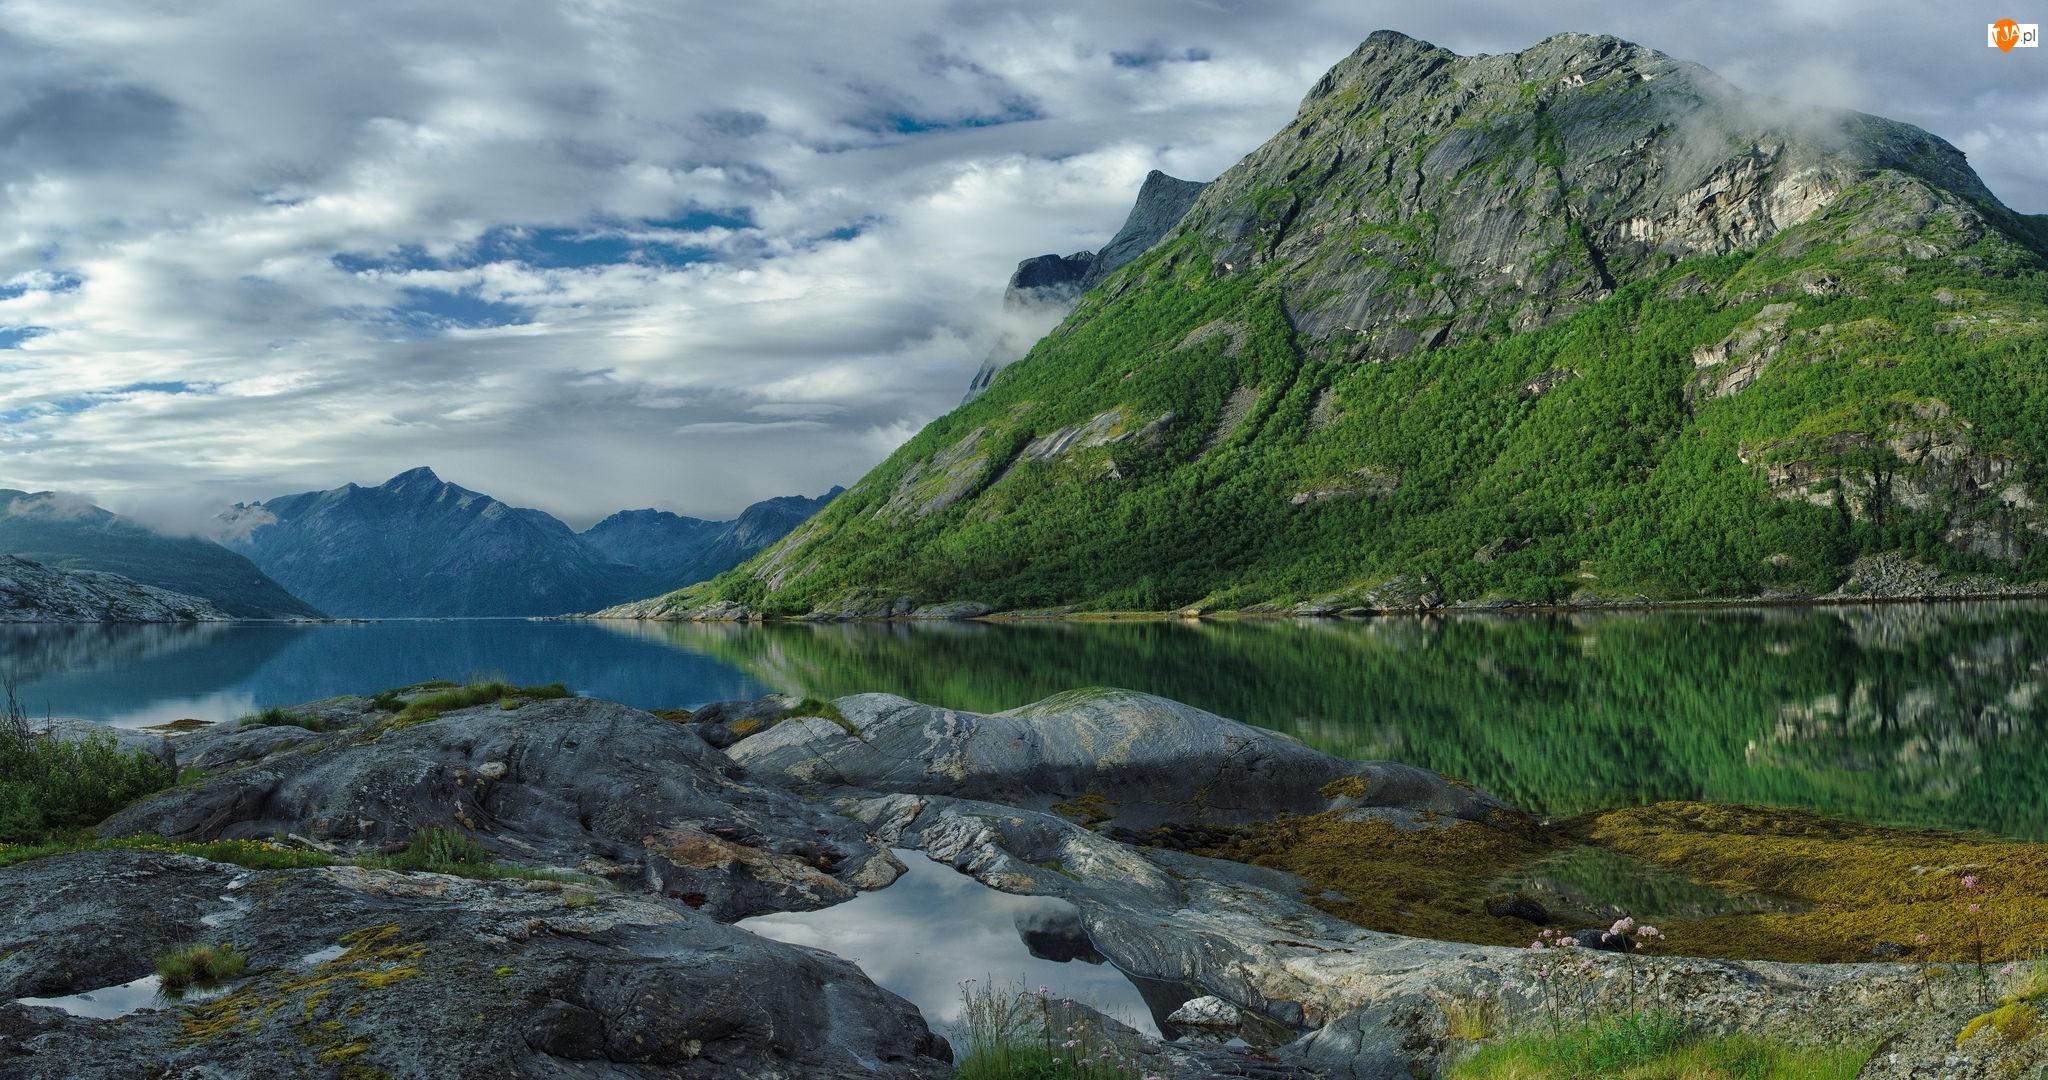 Odbicie, Góry, Skały, Jezioro, Rośliny